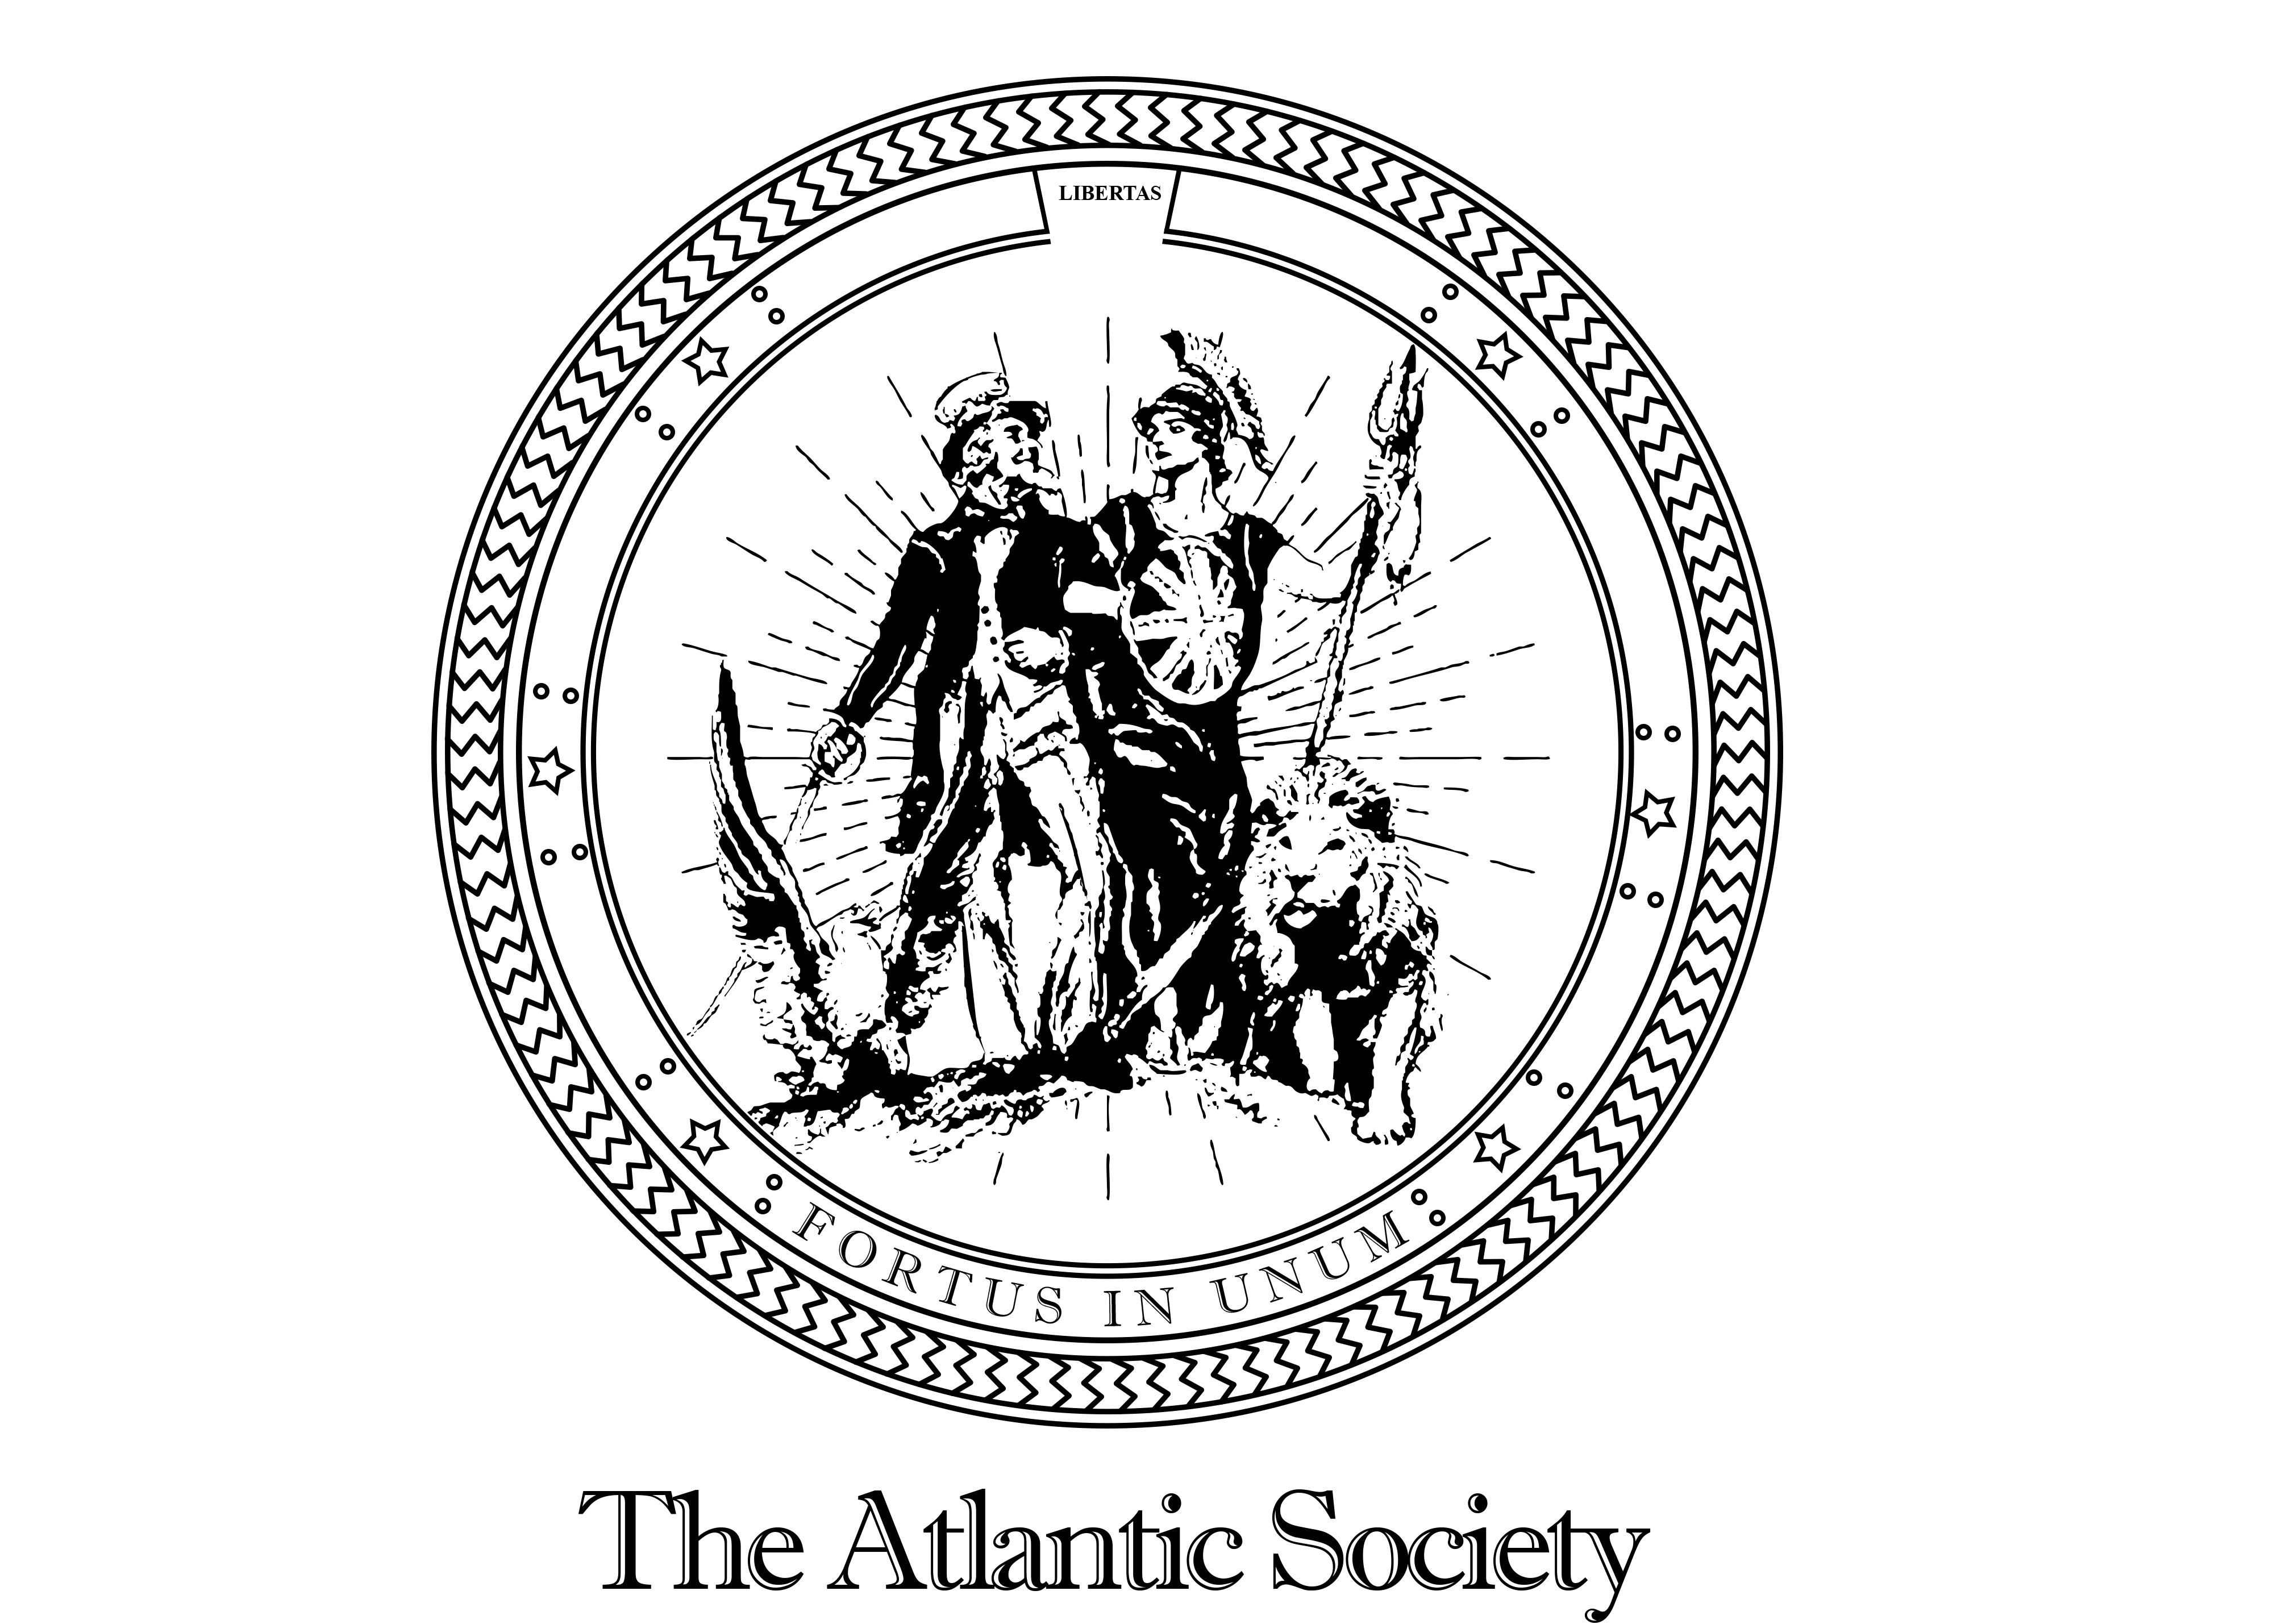 The Atlantic Society